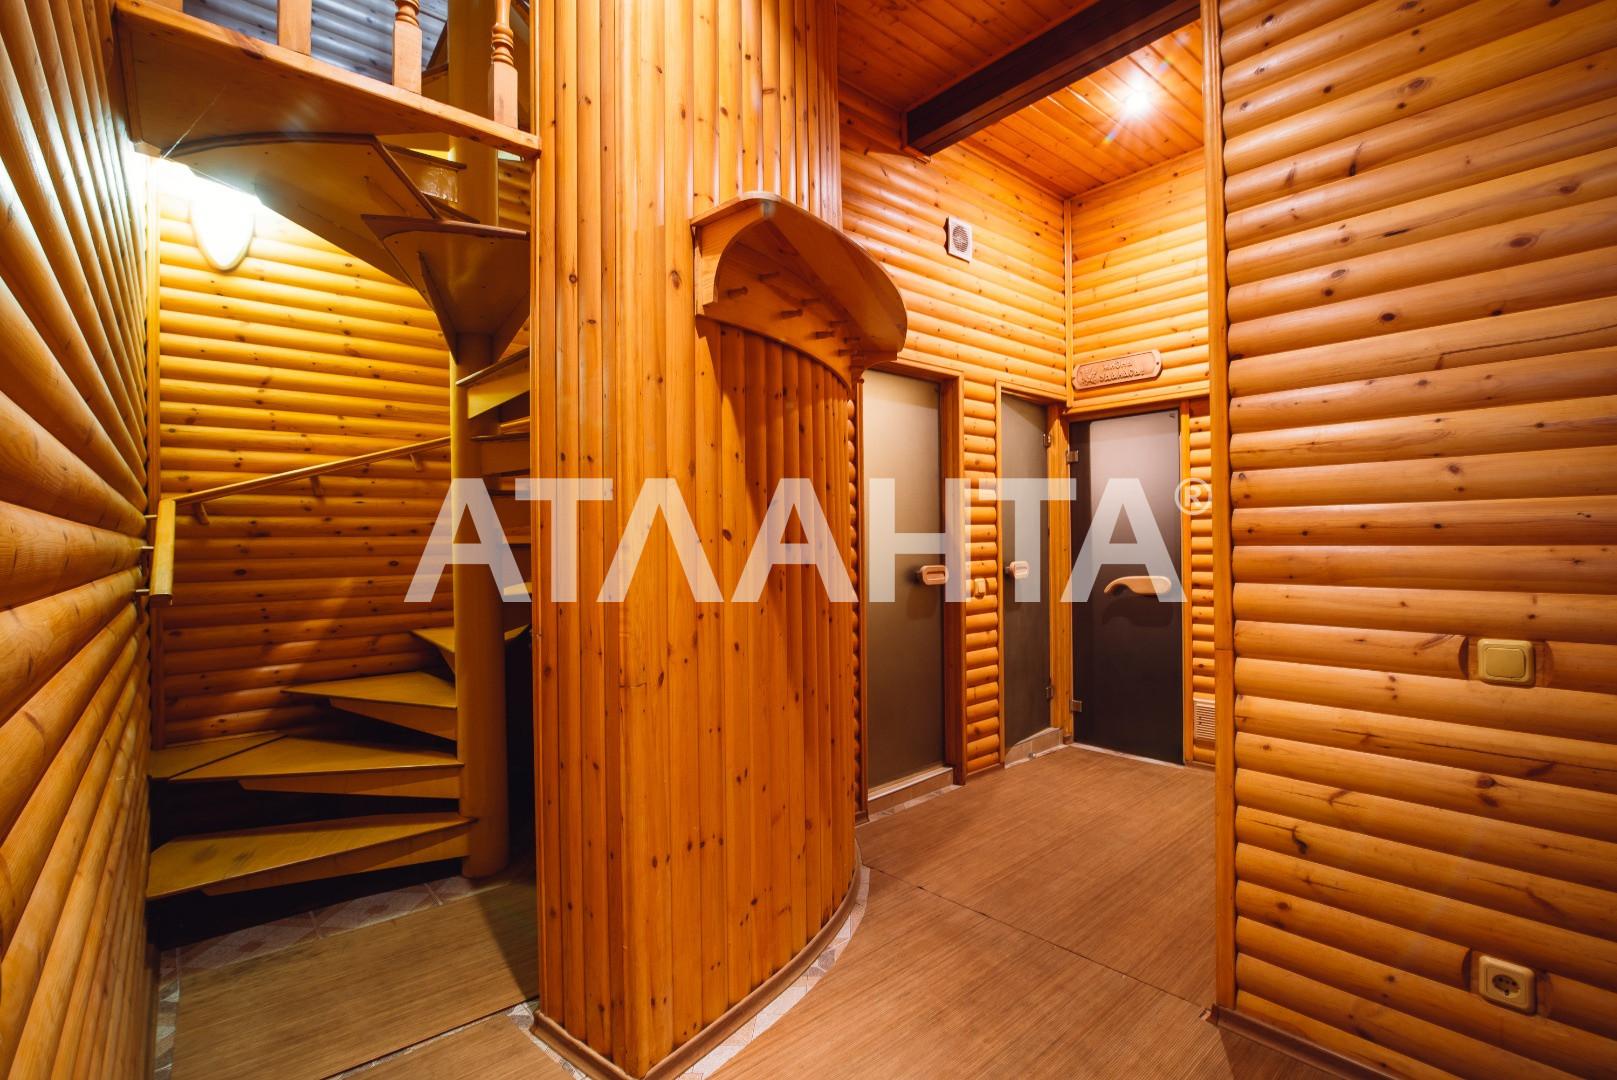 Продается Дом на ул. Аркадиевский Пер. — 1 300 000 у.е. (фото №28)